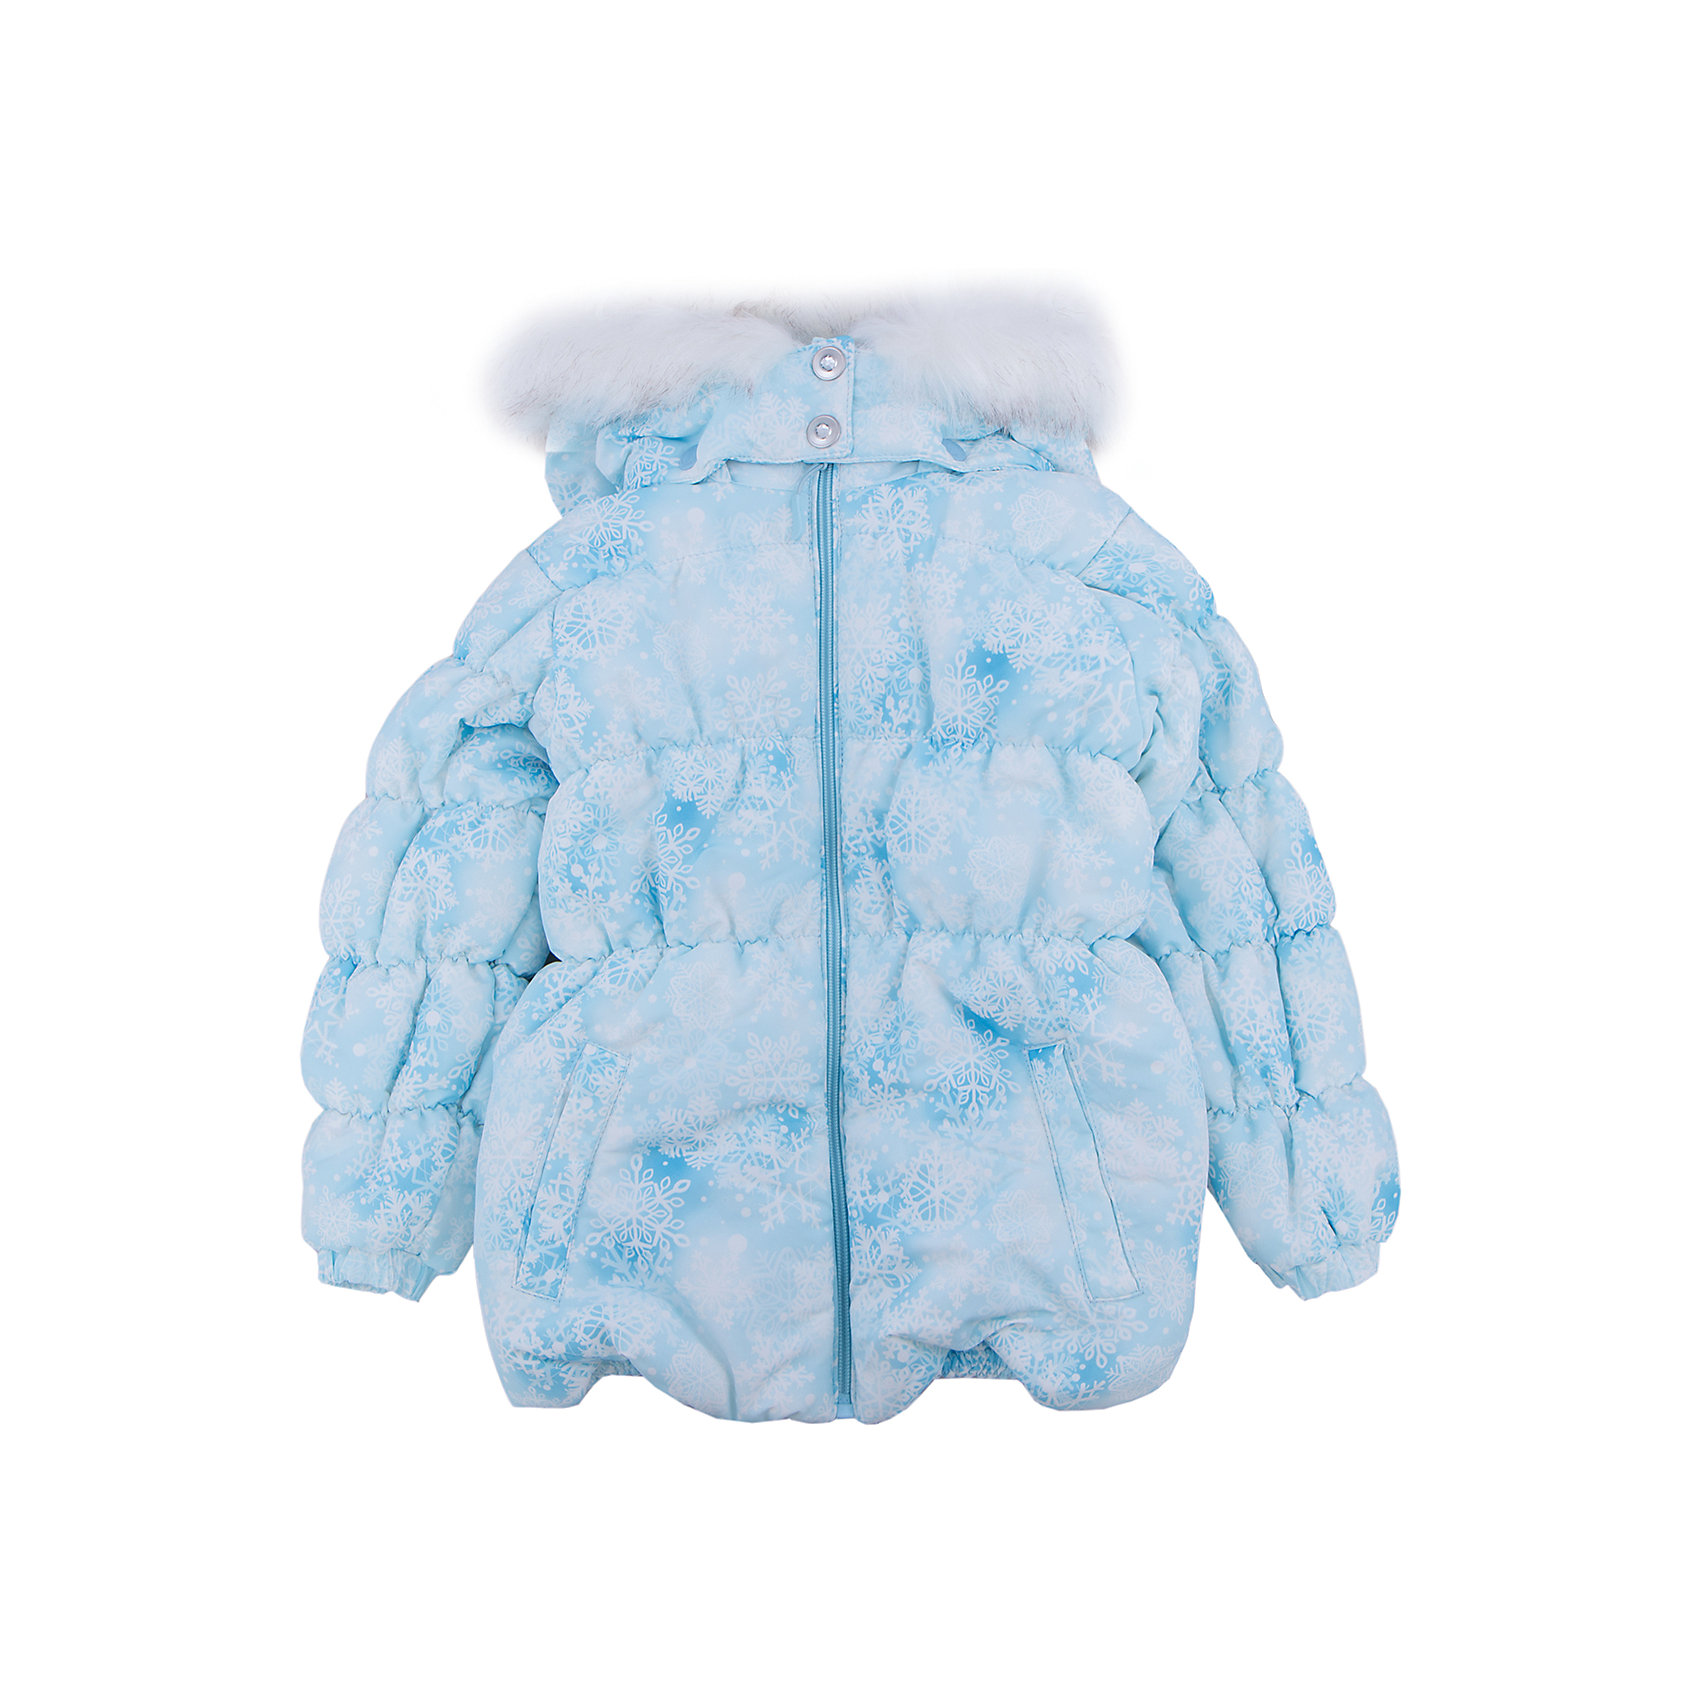 Куртка для девочки PlayTodayКуртка для девочки от известного бренда PlayToday.<br>Теплая куртка для девочки. Рукава и пояс на резинке. Застегивается на молнию, есть два функциональных кармана на кнопках. Капюшон украшен искусственным белым мехом. Удобно отстегивается.<br>Состав:<br>Верх: 100% полиэстер, Подкладка: 100% полиэстер, Наполнитель: 100% полиэстер, 260 г/м2<br><br>Ширина мм: 356<br>Глубина мм: 10<br>Высота мм: 245<br>Вес г: 519<br>Цвет: голубой<br>Возраст от месяцев: 24<br>Возраст до месяцев: 36<br>Пол: Женский<br>Возраст: Детский<br>Размер: 122,110,116,128,104,98<br>SKU: 4897983